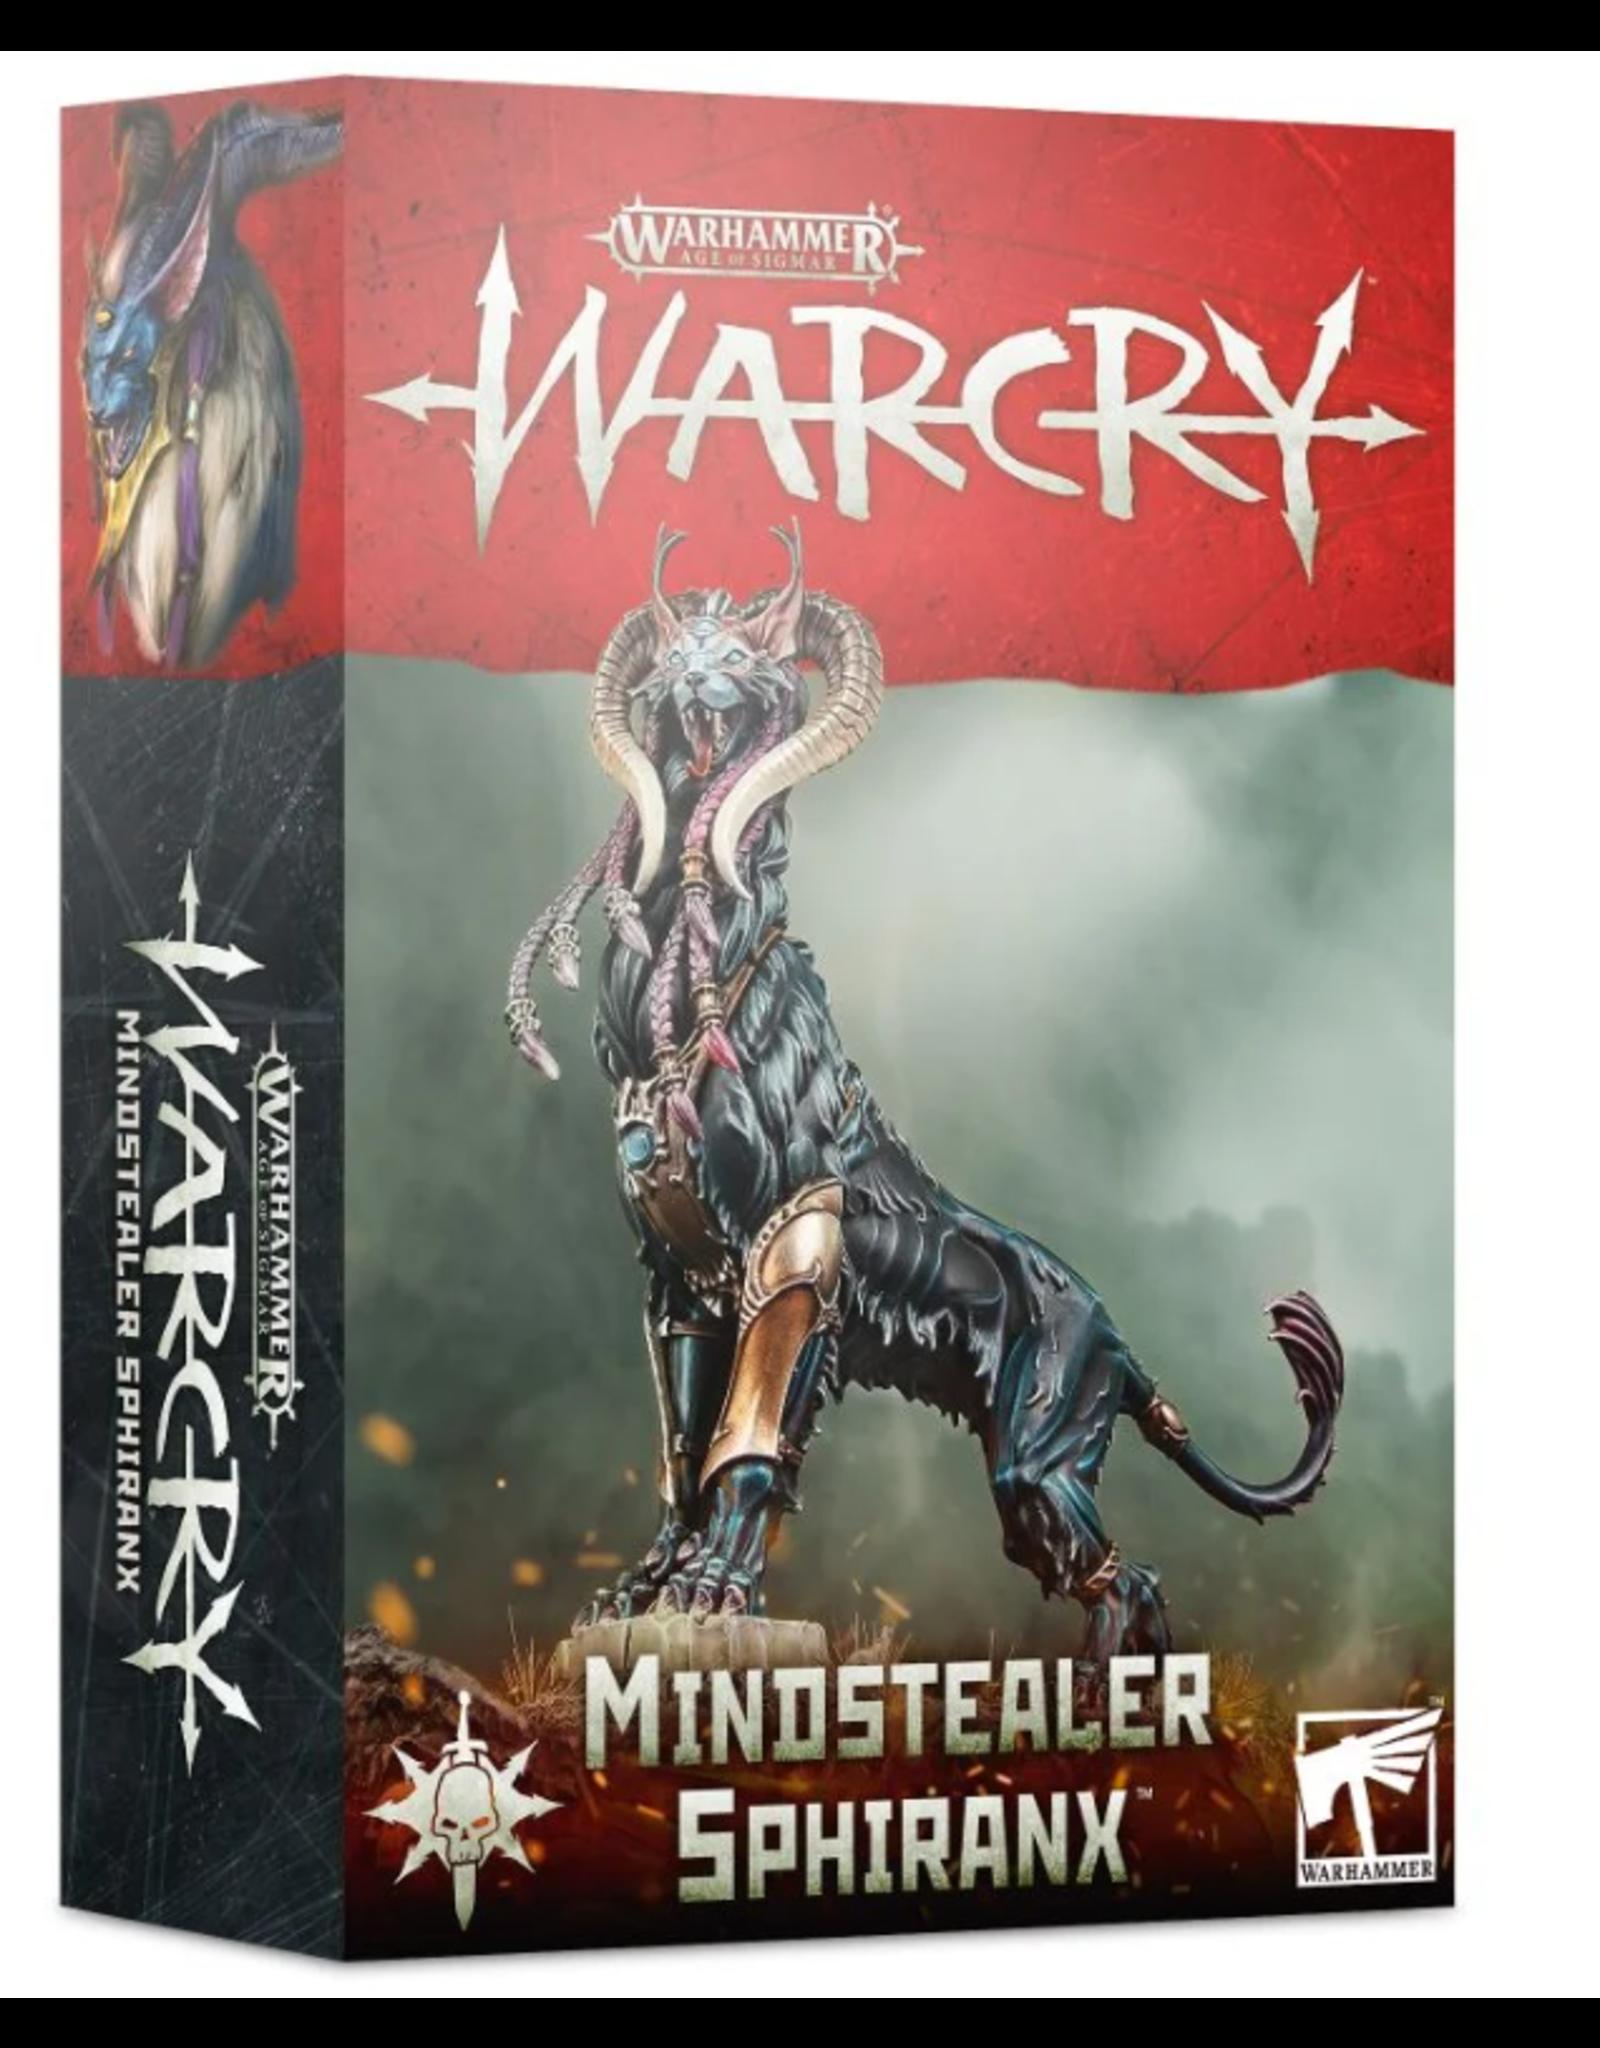 Games Workshop WARCRY: MINDSTEALER SPHIRANX